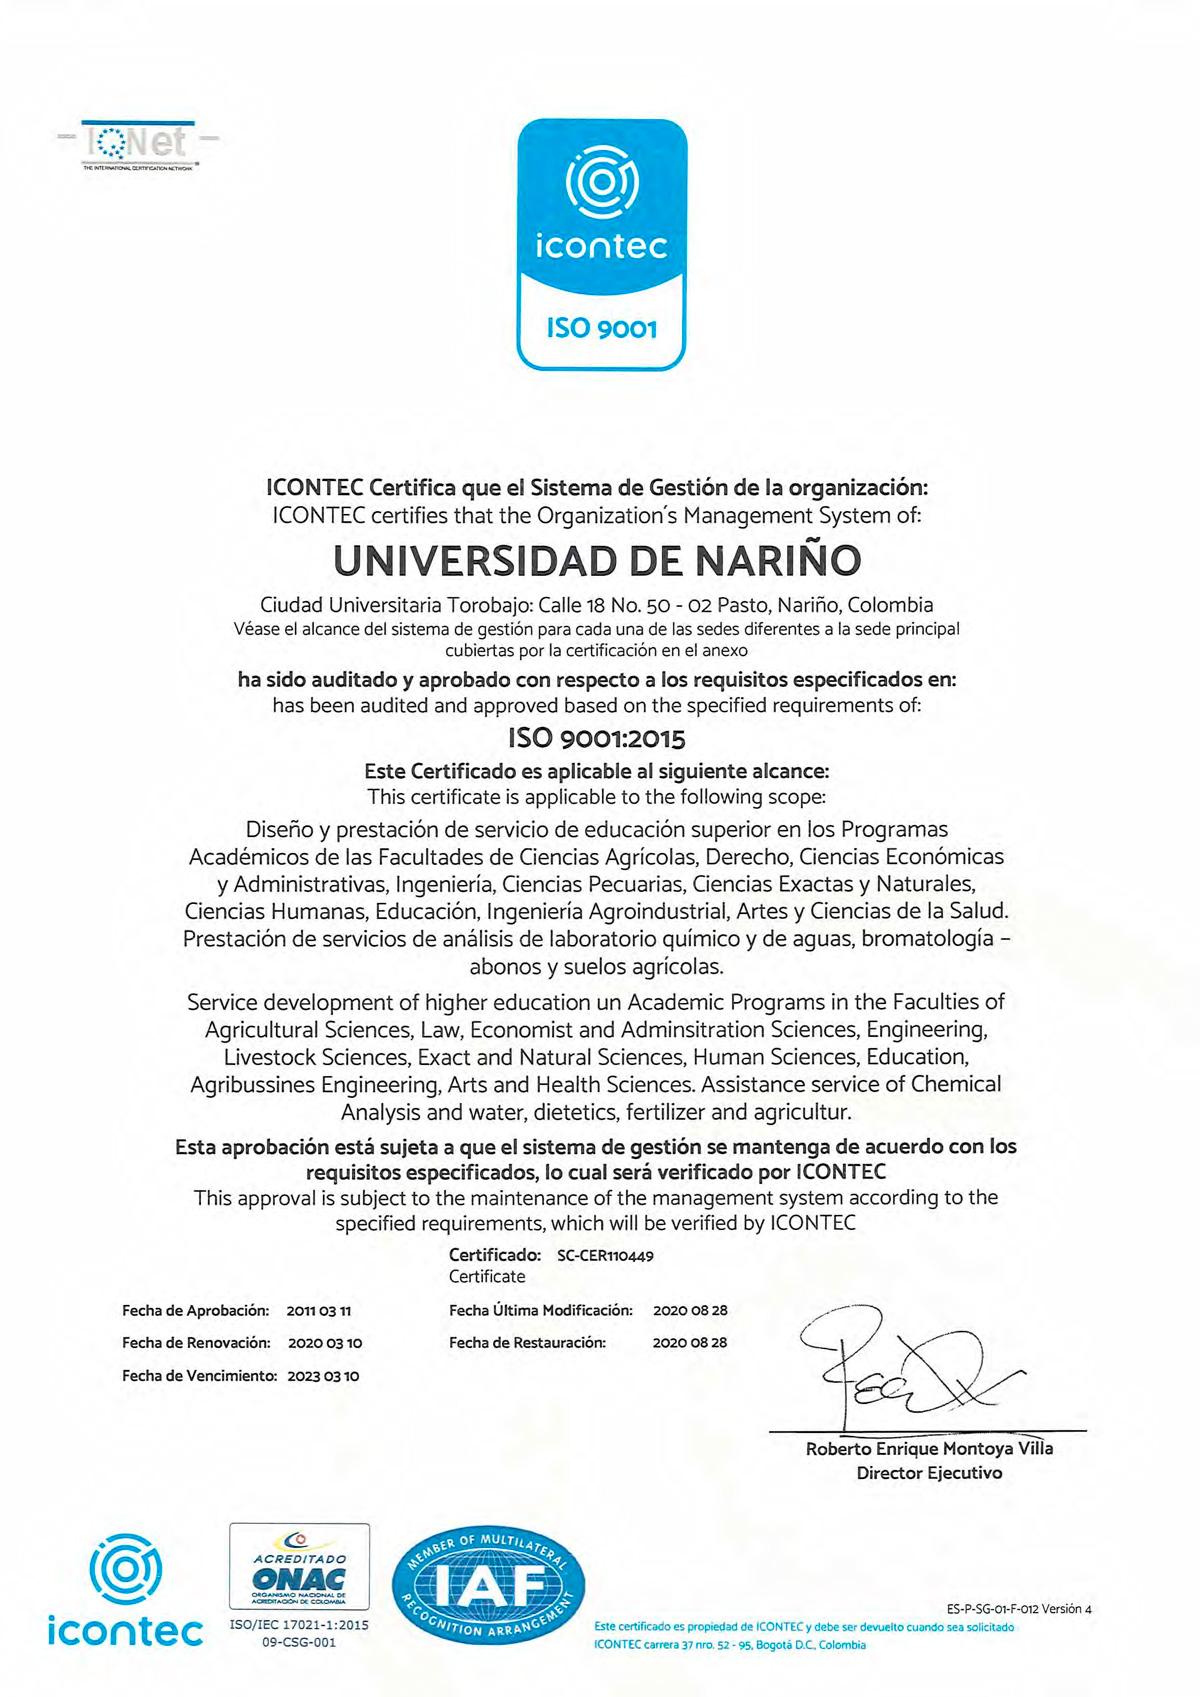 Certificado-Renovacioon-Universidad-de-Nariño-1